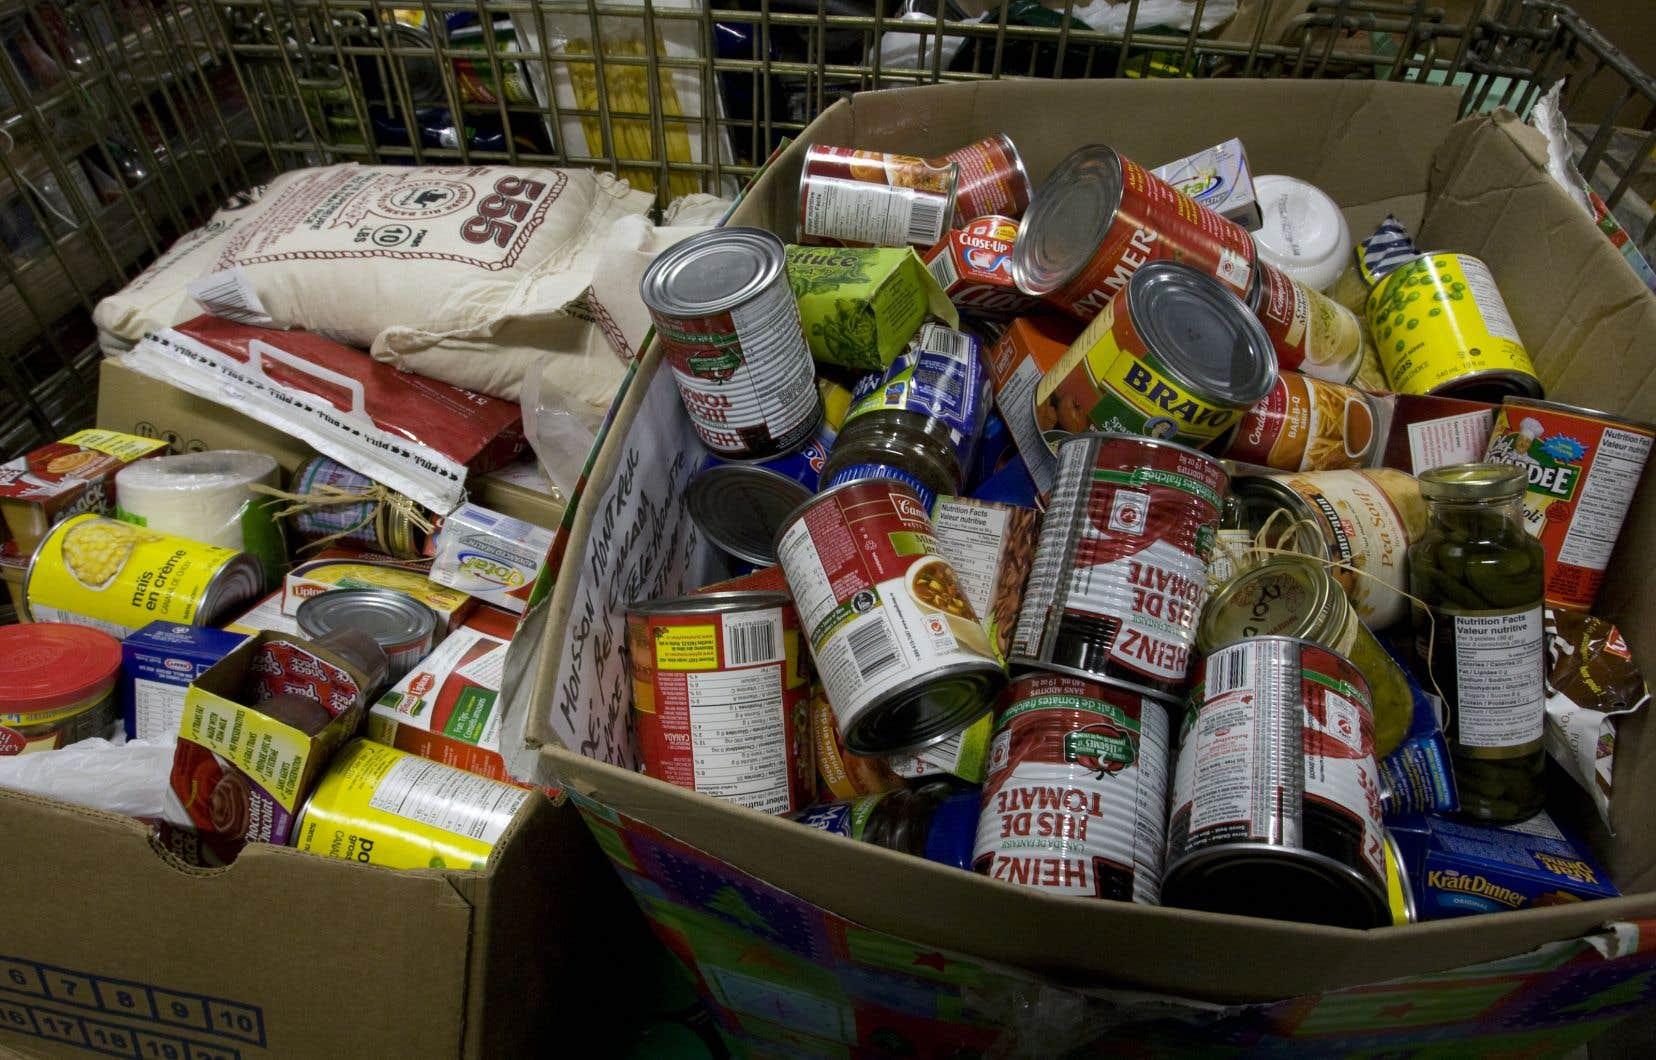 Pour la livraison de denrées alimentaires, par exemple, les jeunes adultes pourraient être mis à contribution.